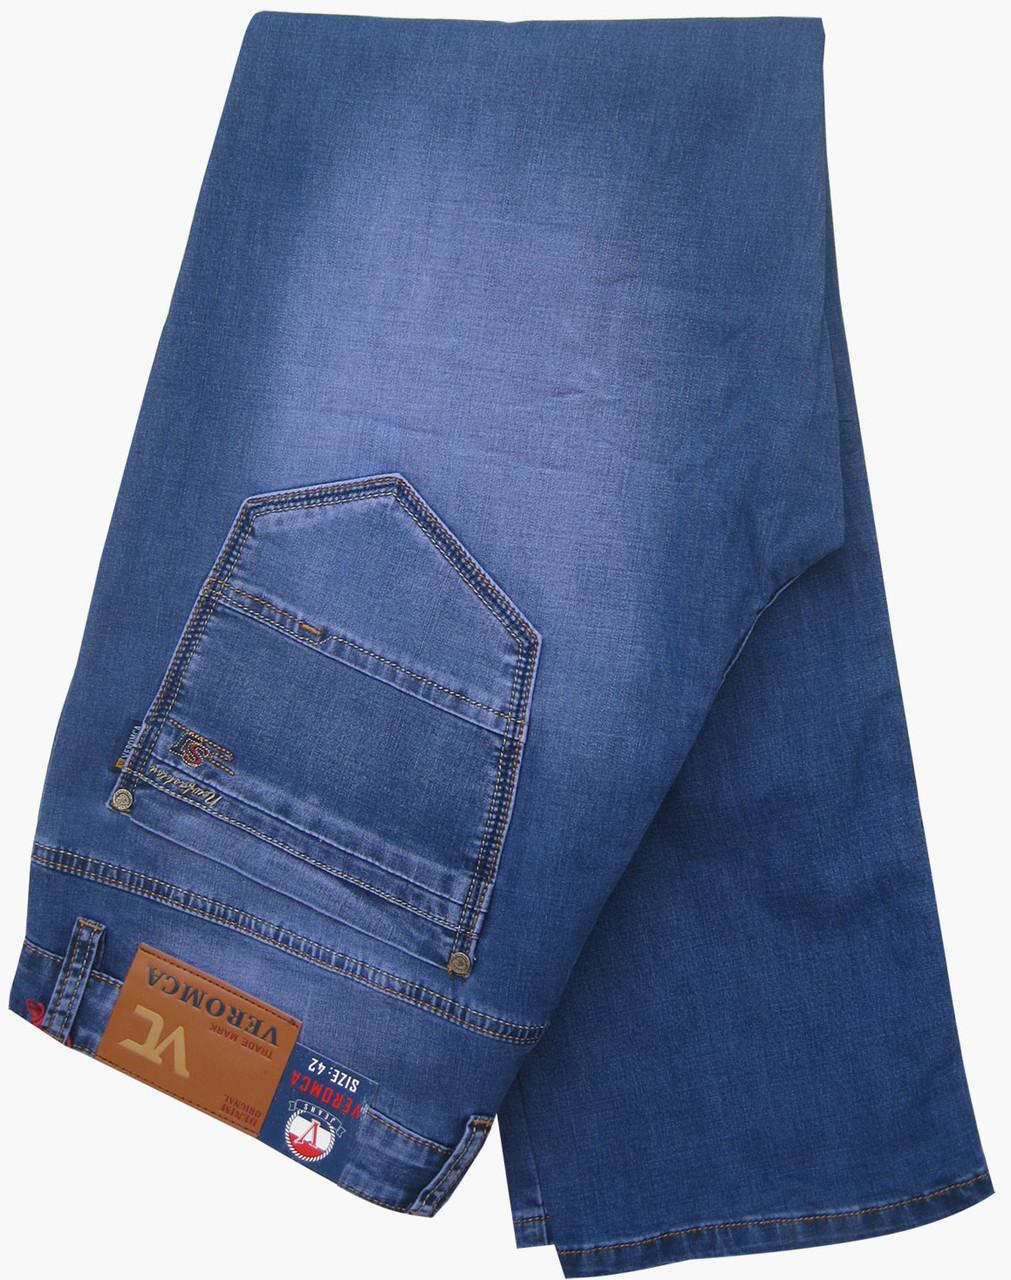 Купить джинсы мужские большого размера доставка